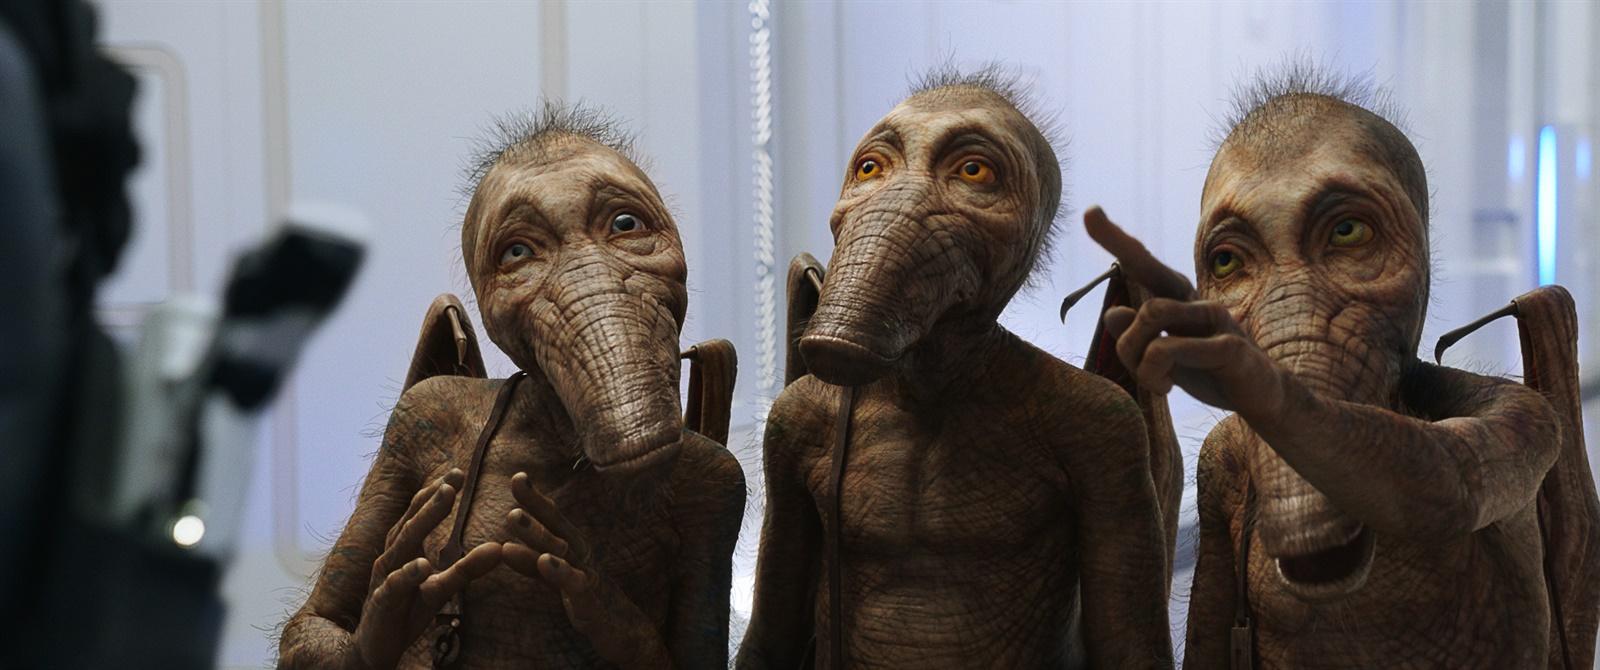 Os Doghan Daguis, criaturas de 'Valerian e a Cidade dos Mil Planetas', o filme de Luc Besson adaptado dos quadrinhos de Valerian e Laureline.